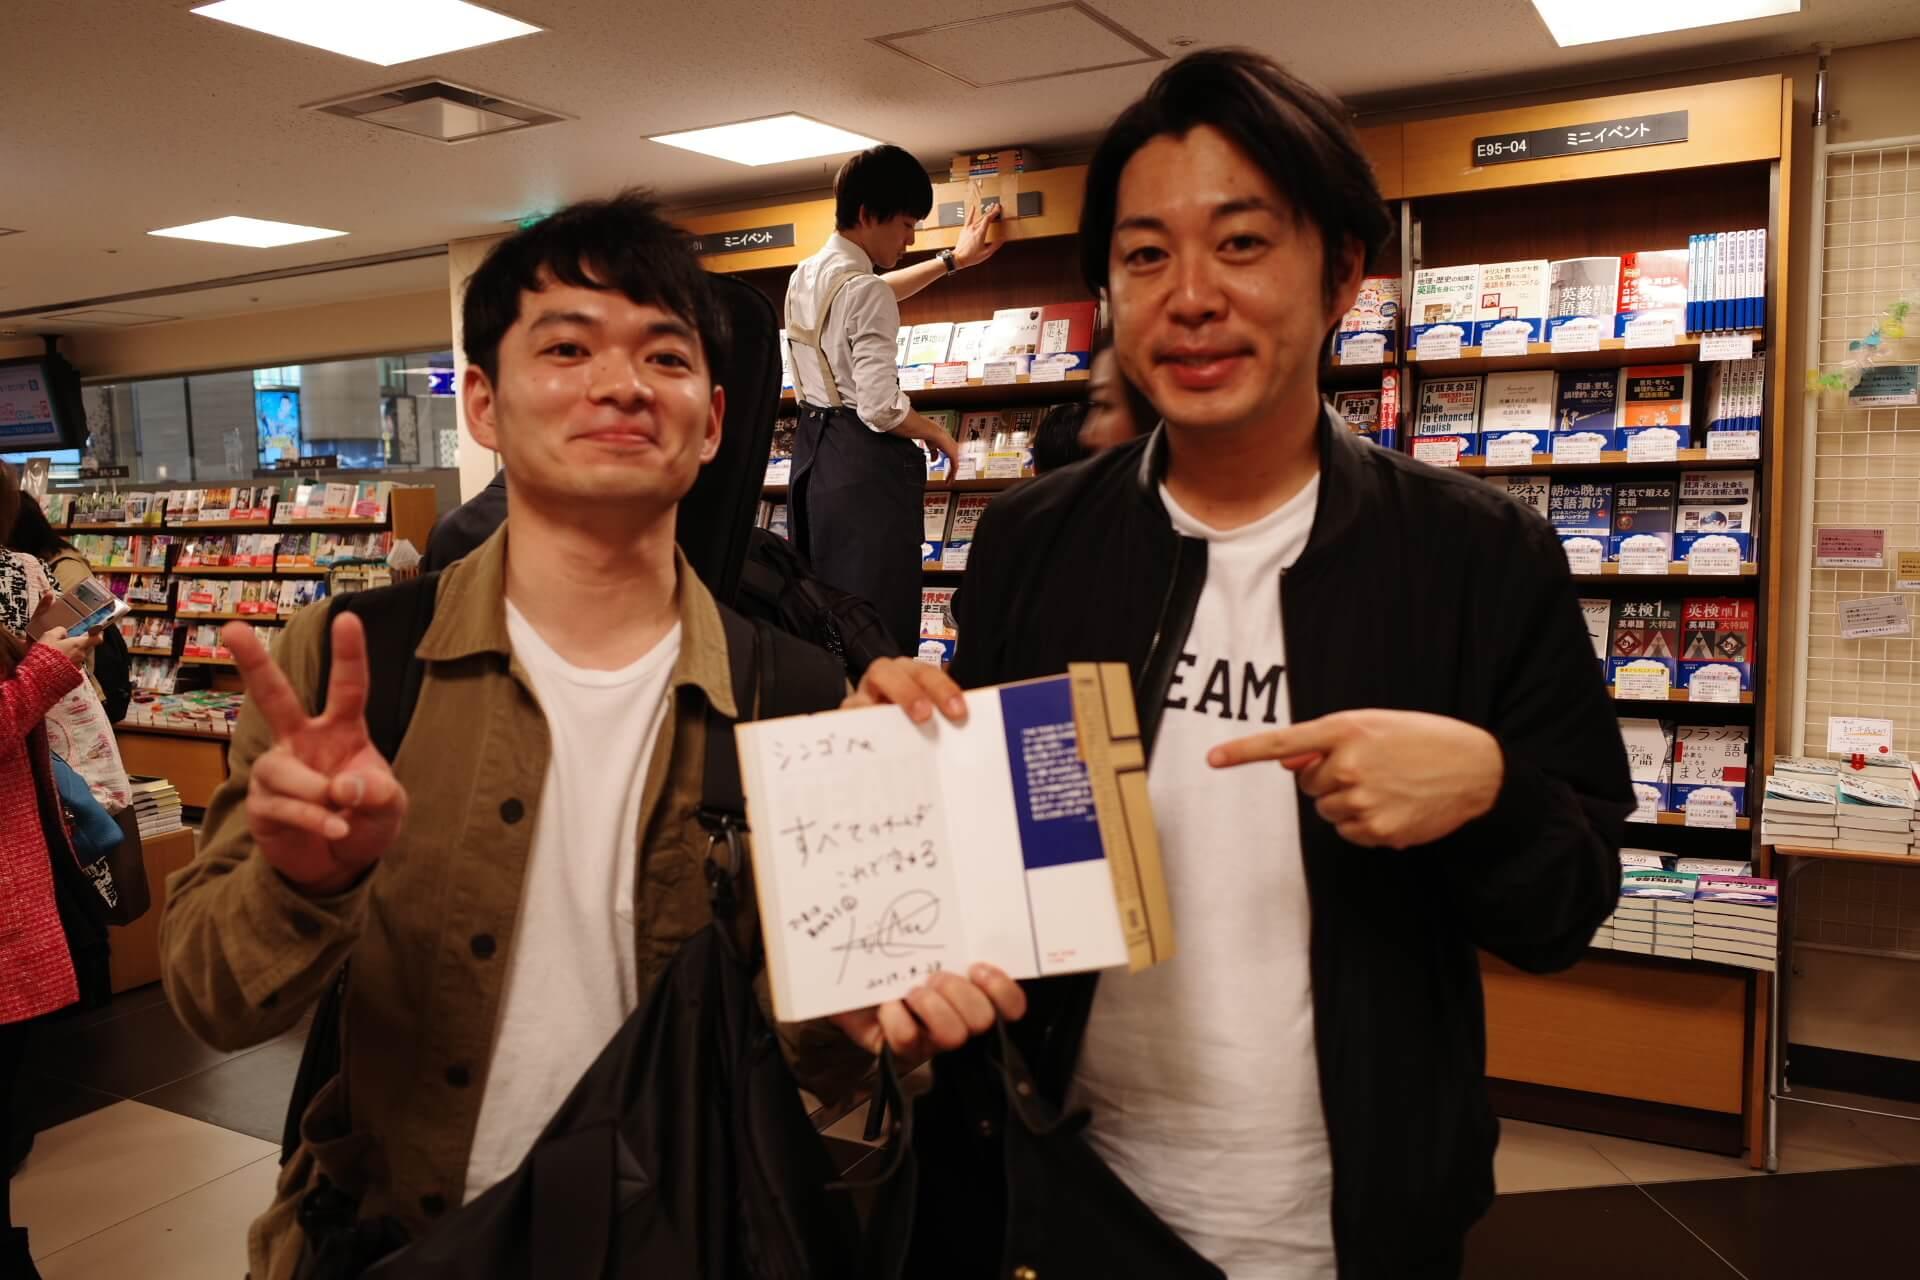 THE TEAMの著者である麻野耕司さんに会いに行った│ごちログ